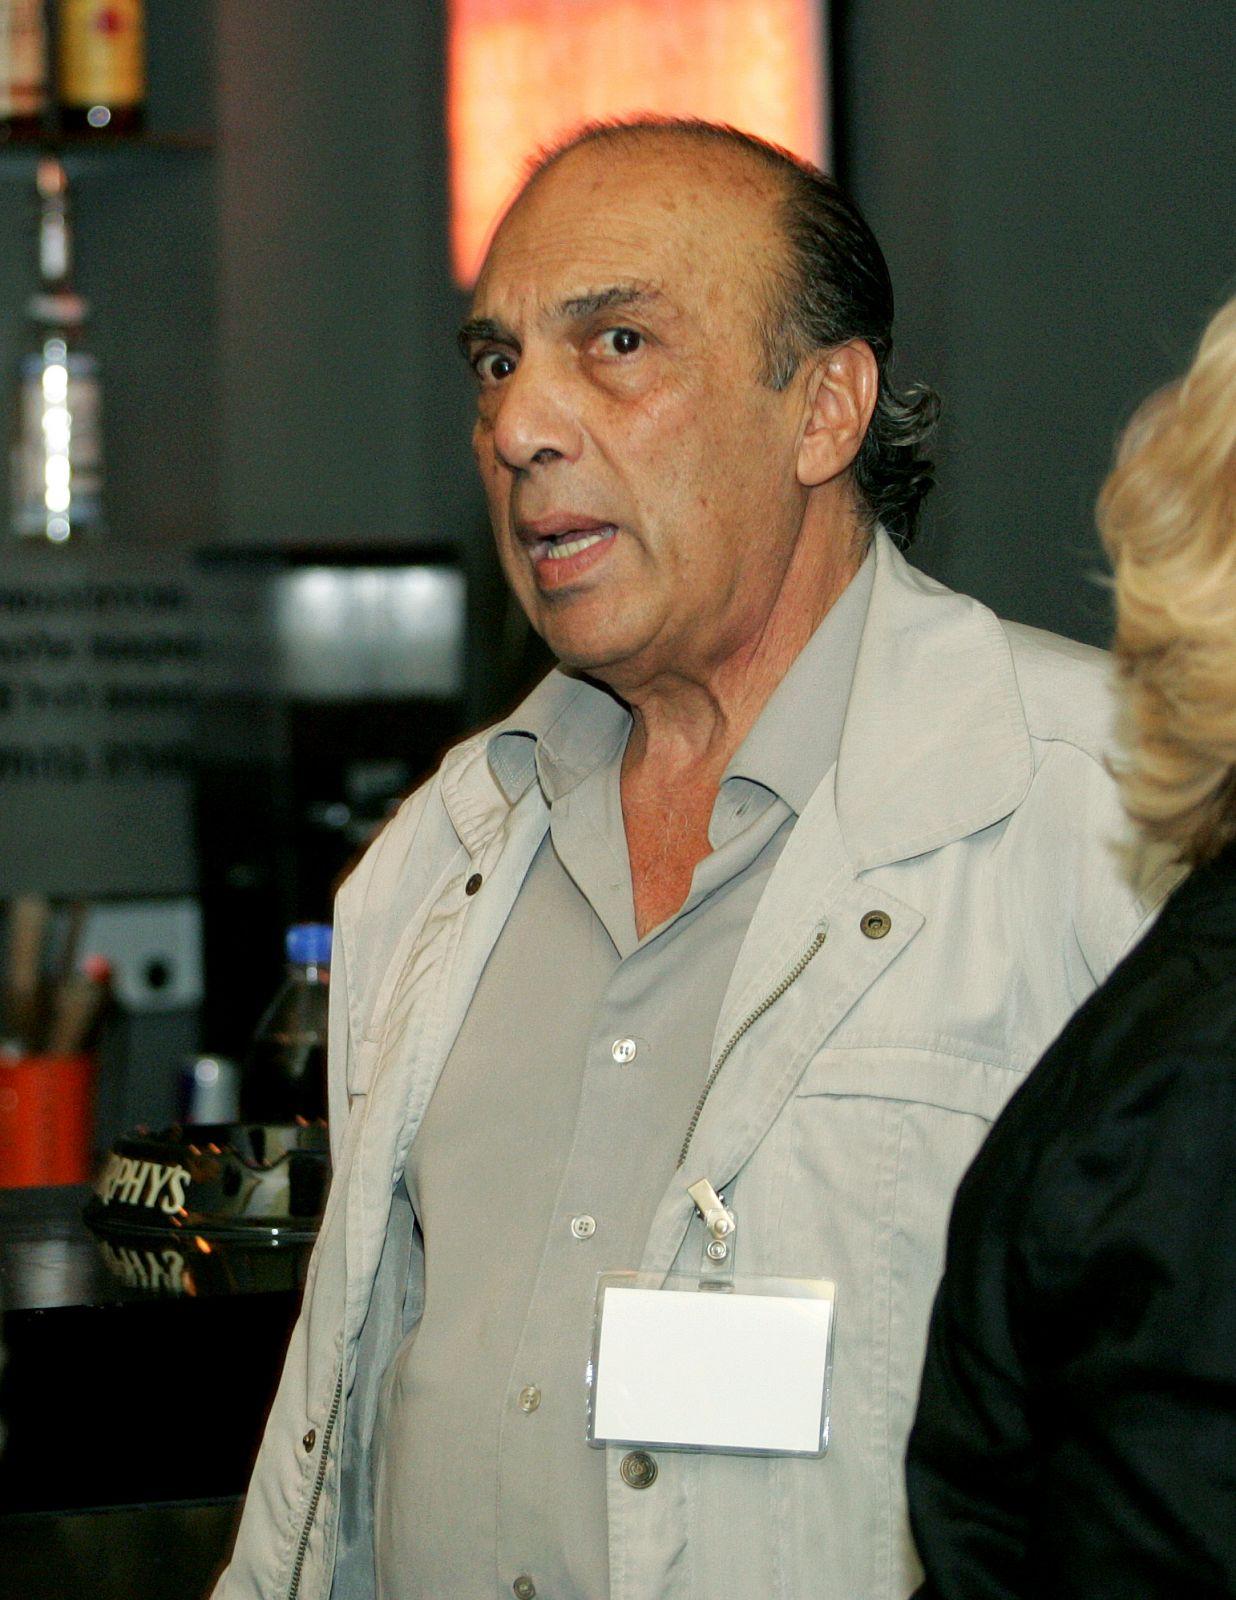 יוסף (ג'ו) בראל, 2005 (צילום: משה שי)